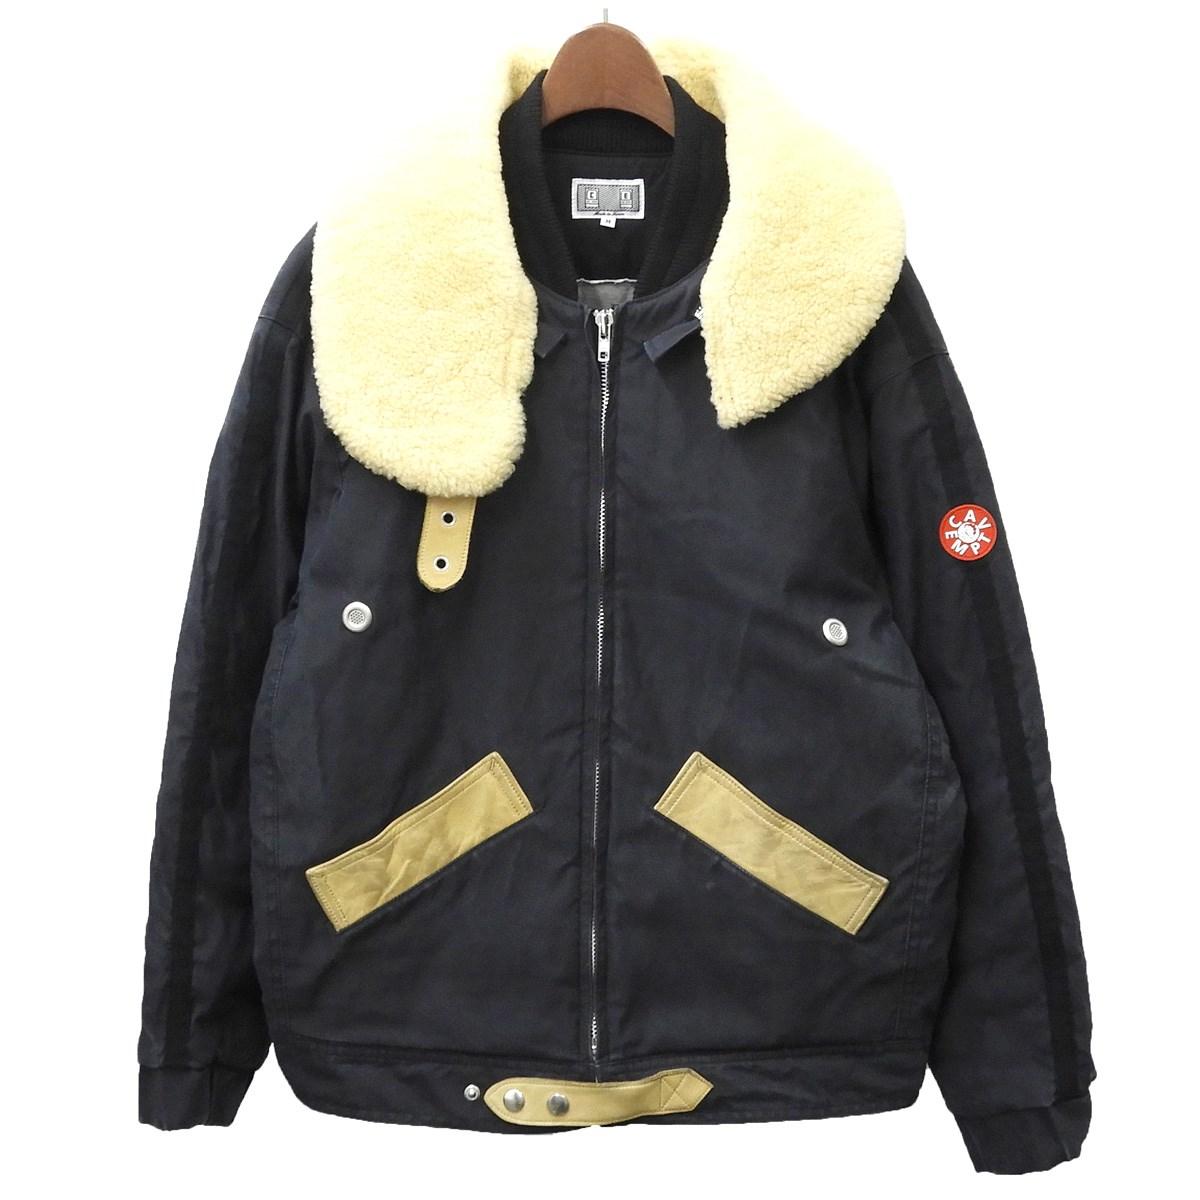 【中古】C.E 19AW 「DETACH COLLAR BOMBER」ボンバージャケット ブラック サイズ:M 【160220】(シーイー)